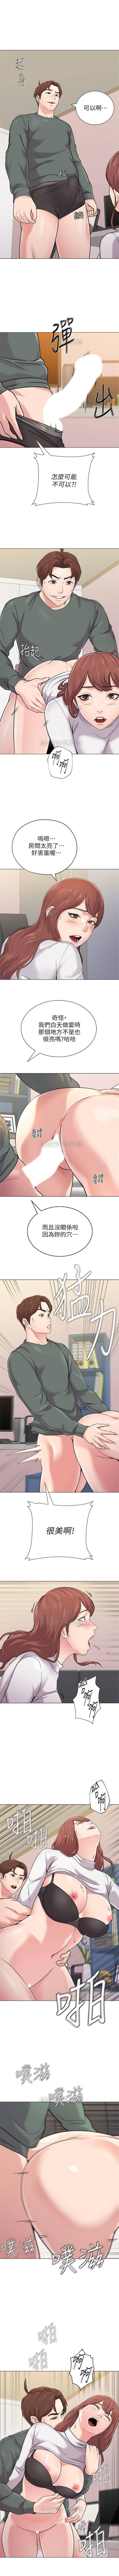 老師 1-80 官方中文(連載中) 394